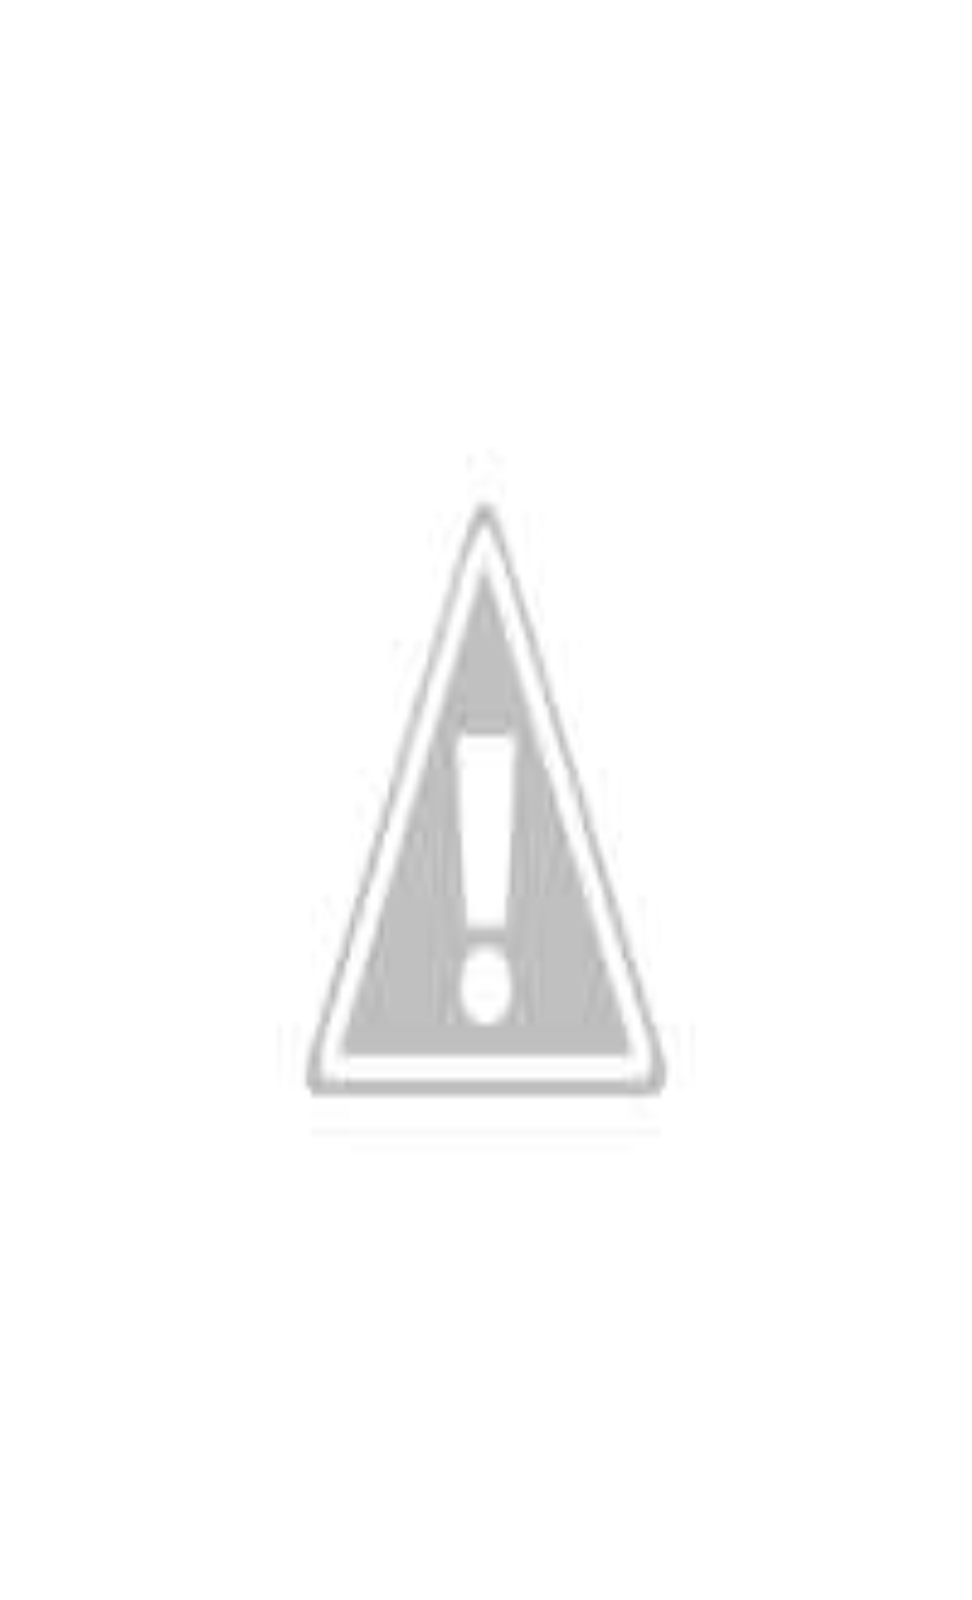 Amazing RECETAS DE COMIDA SALUDABLE : ENSALADA DE PASTAS Recipes